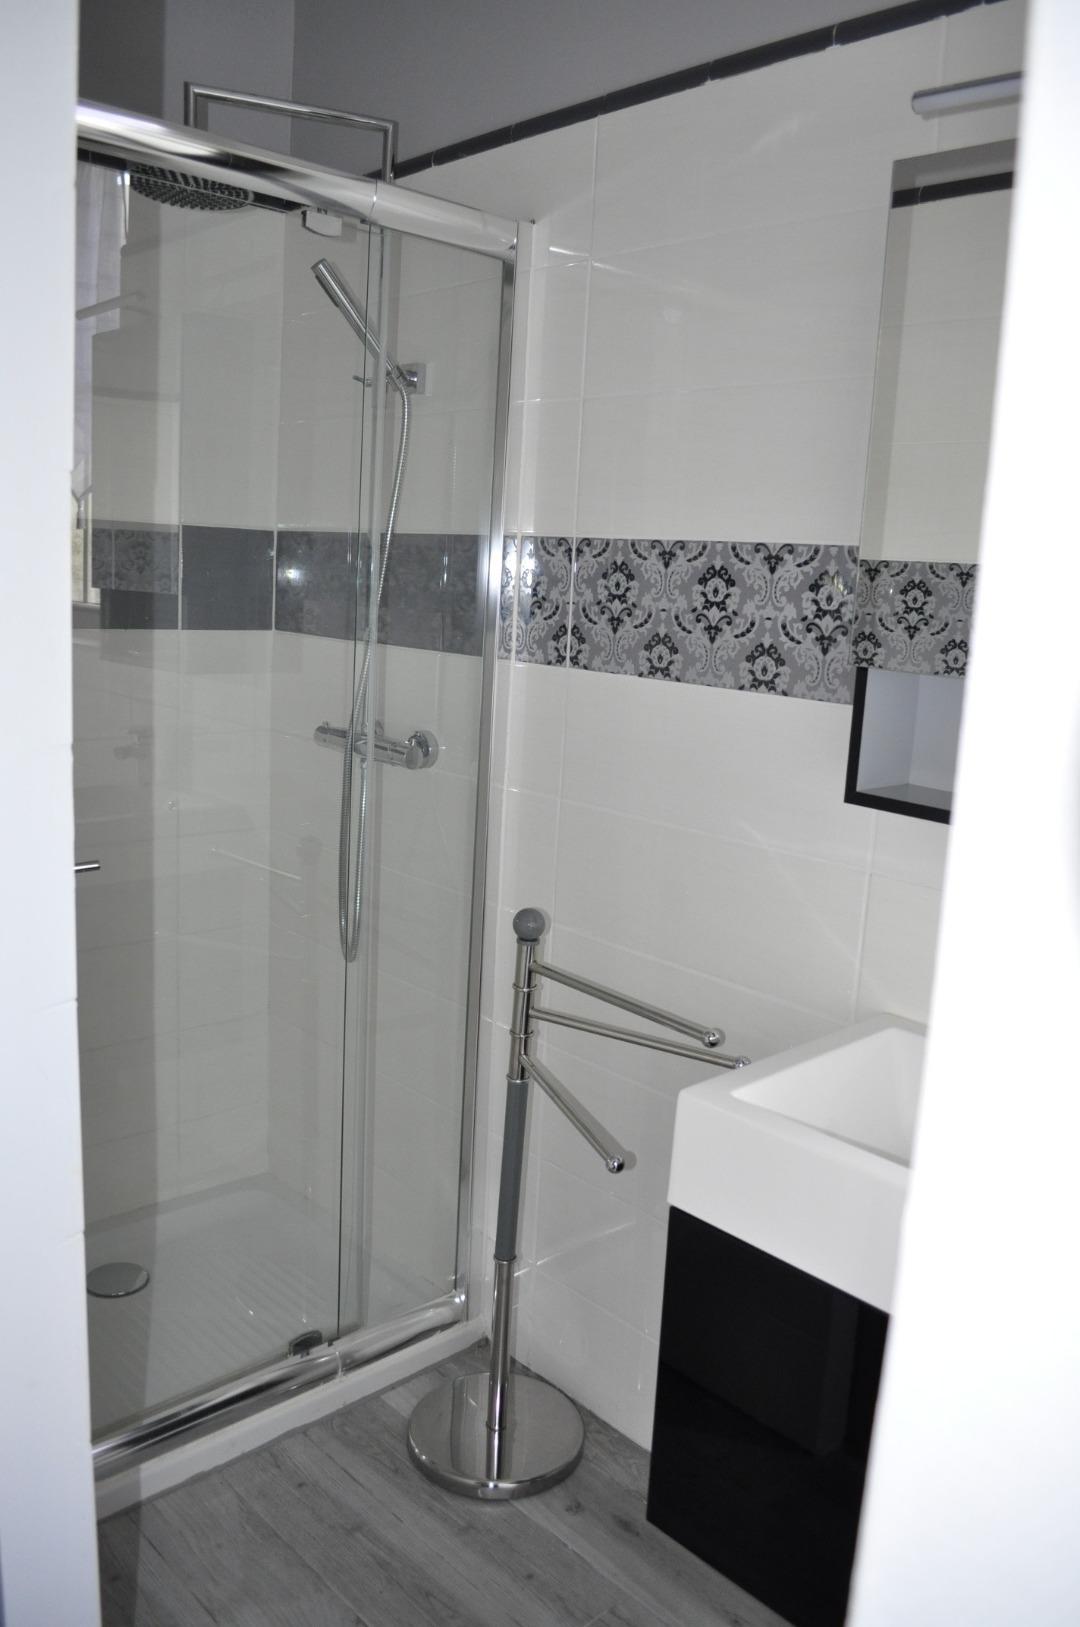 Chambre d'hôte avec salle de bain privée à Ludon-Médoc